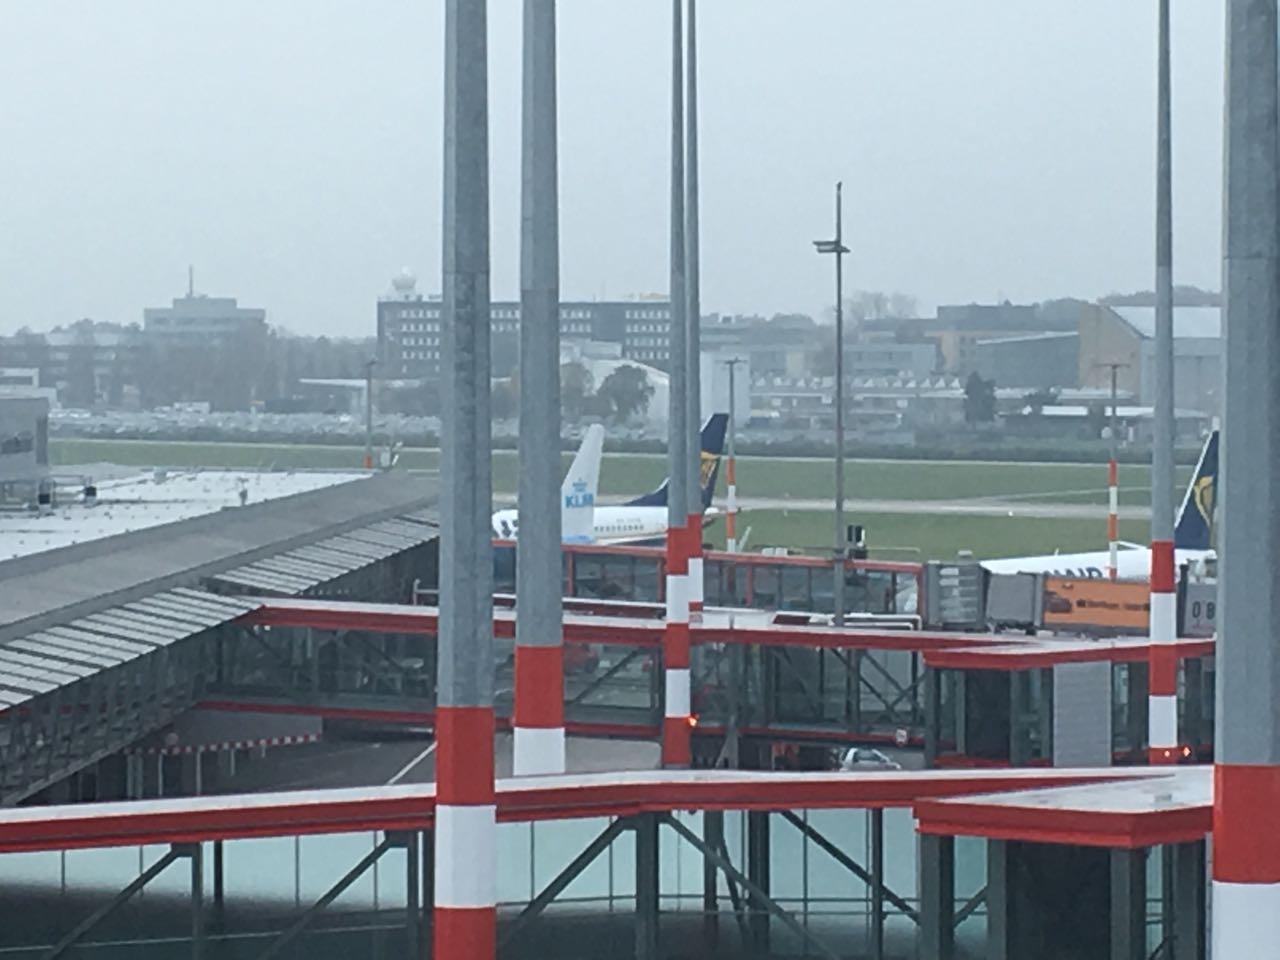 Mit 20 Minuten Verspätung landeten wir in Amsterdam und mussten uns dort daher sehr beeilen und wieder extrem weit laufen.